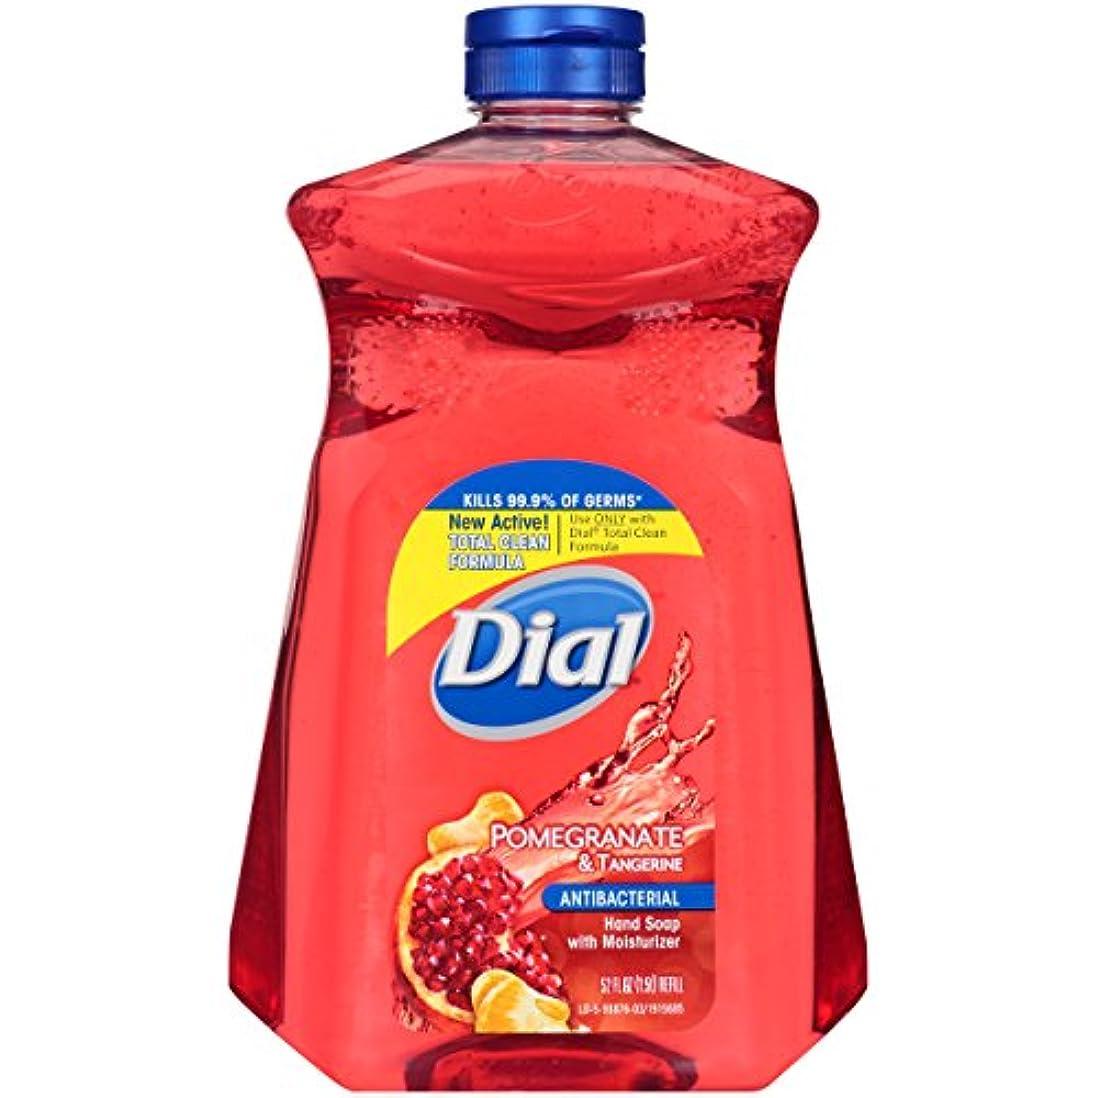 バングラデシュ東部ナビゲーションDial Pomegranate & Tangerine Refill Antibacterial Hand Soap, 52 FL OZ by Dial